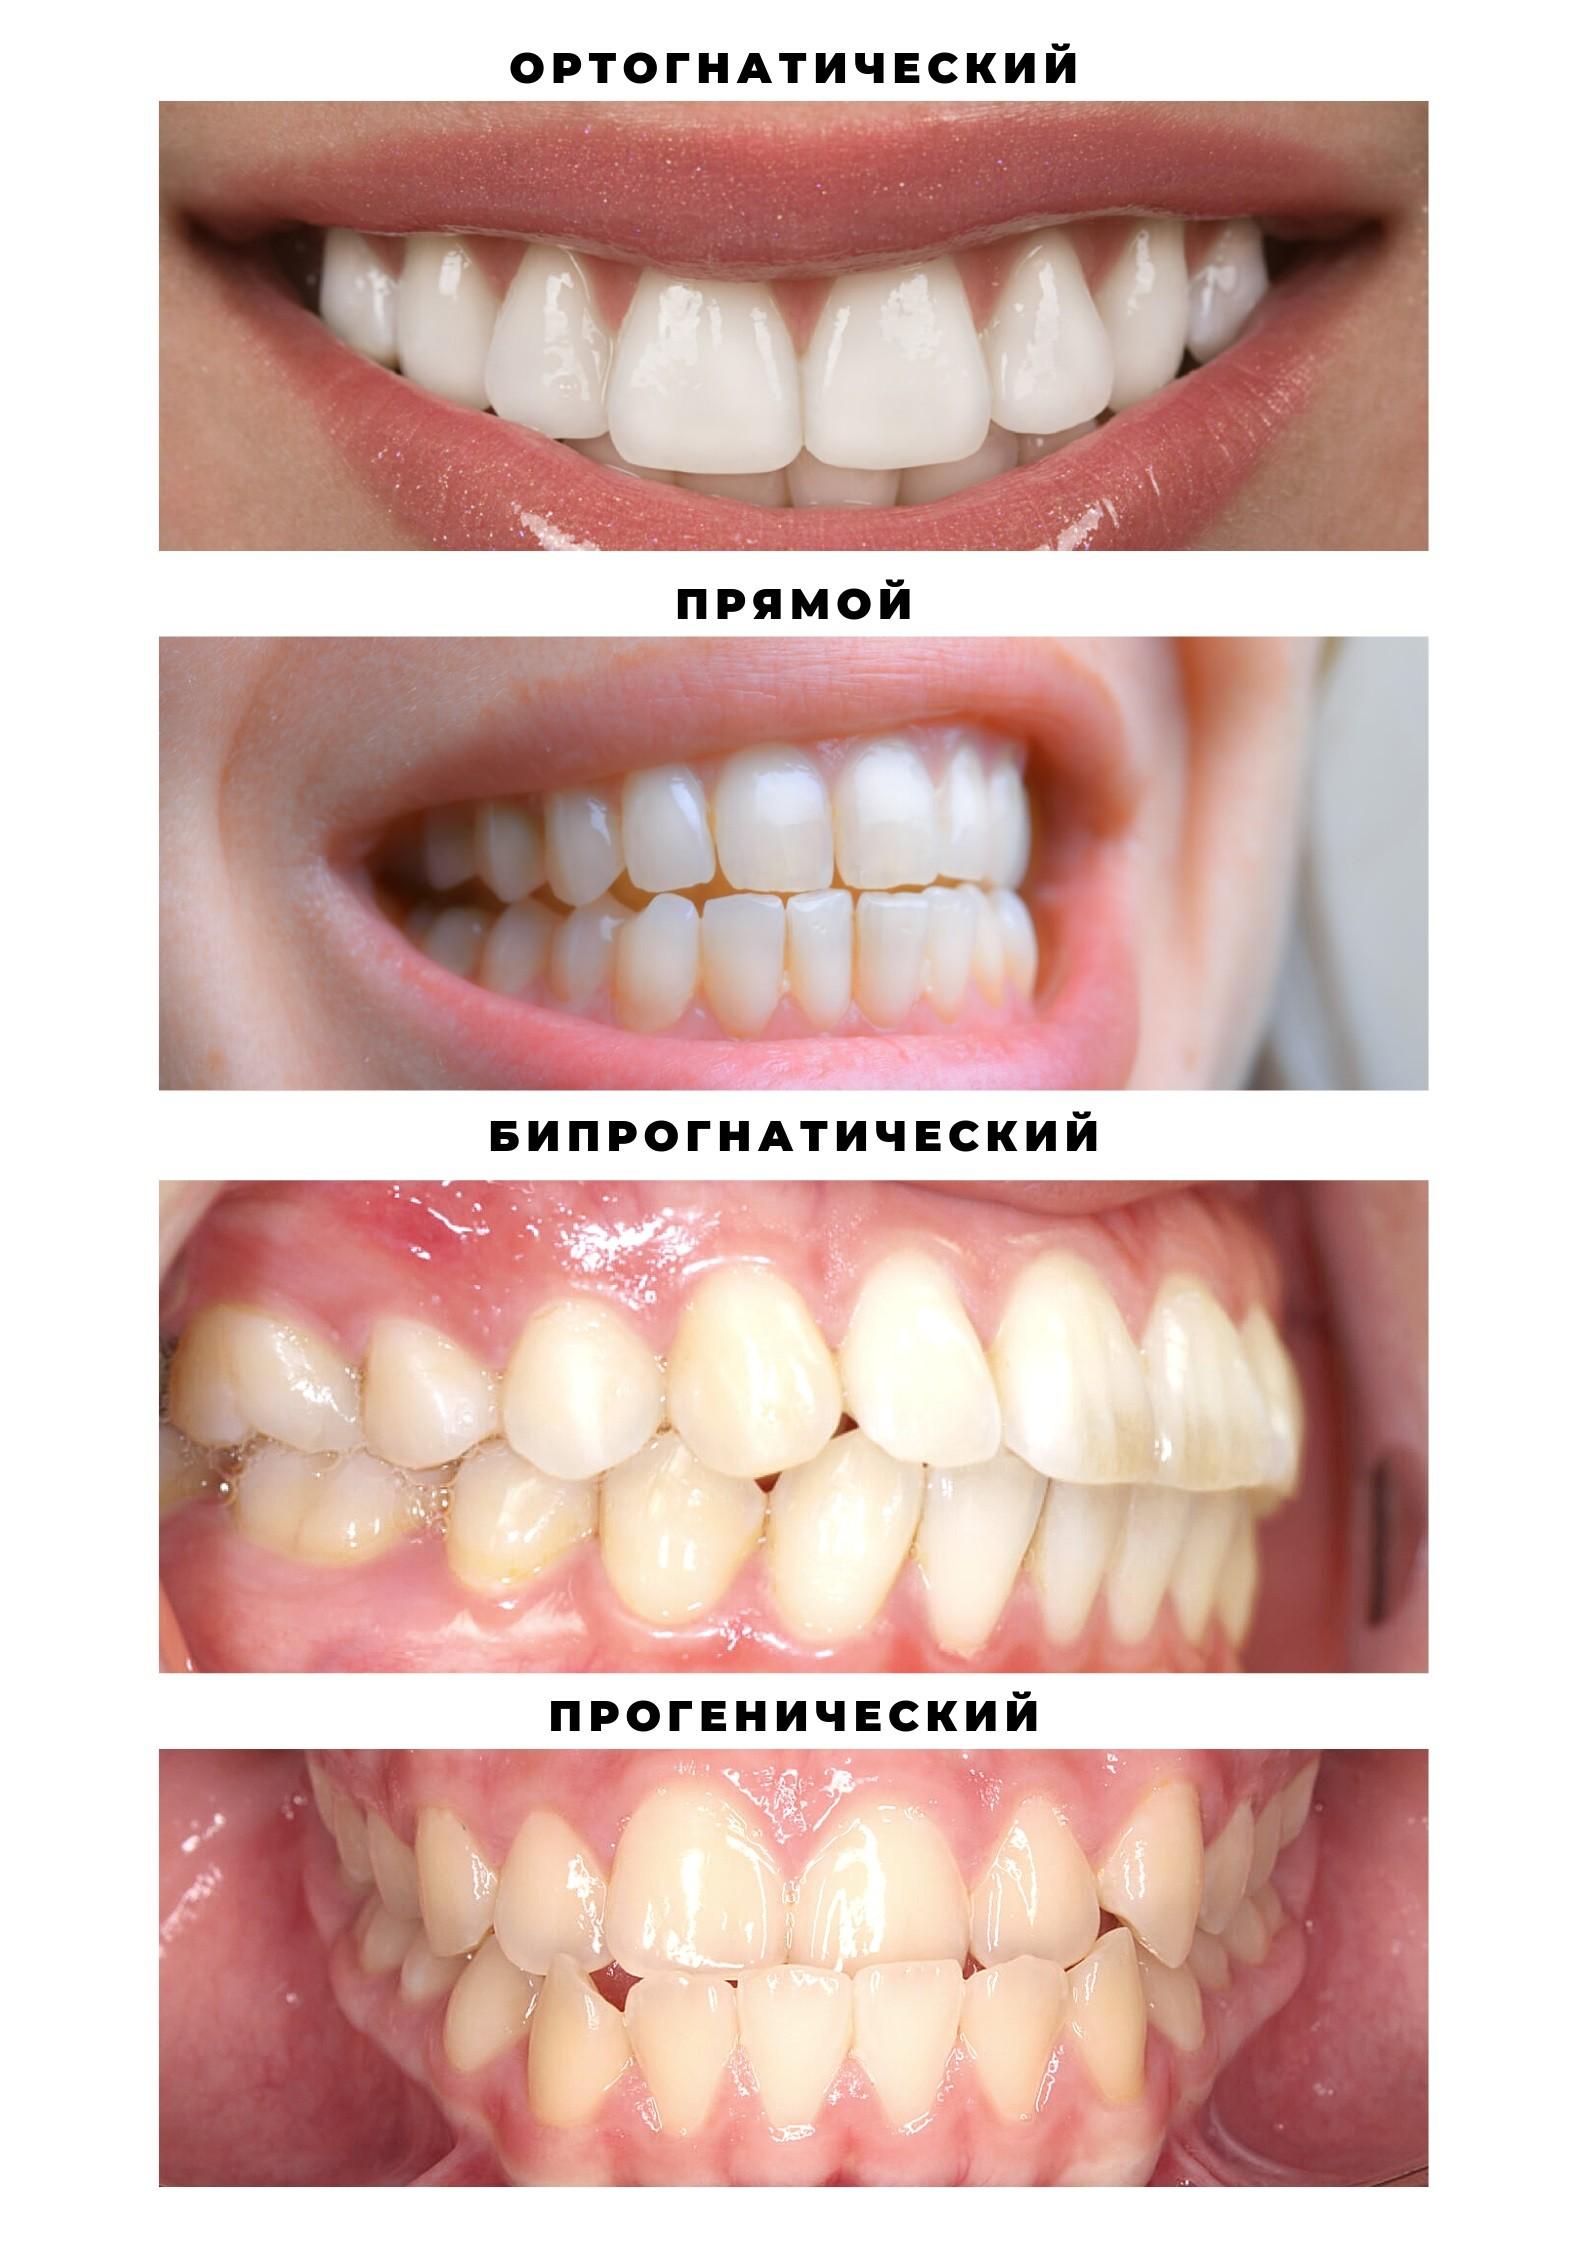 неправильный прикус зубов картинки визитка лицо каждого